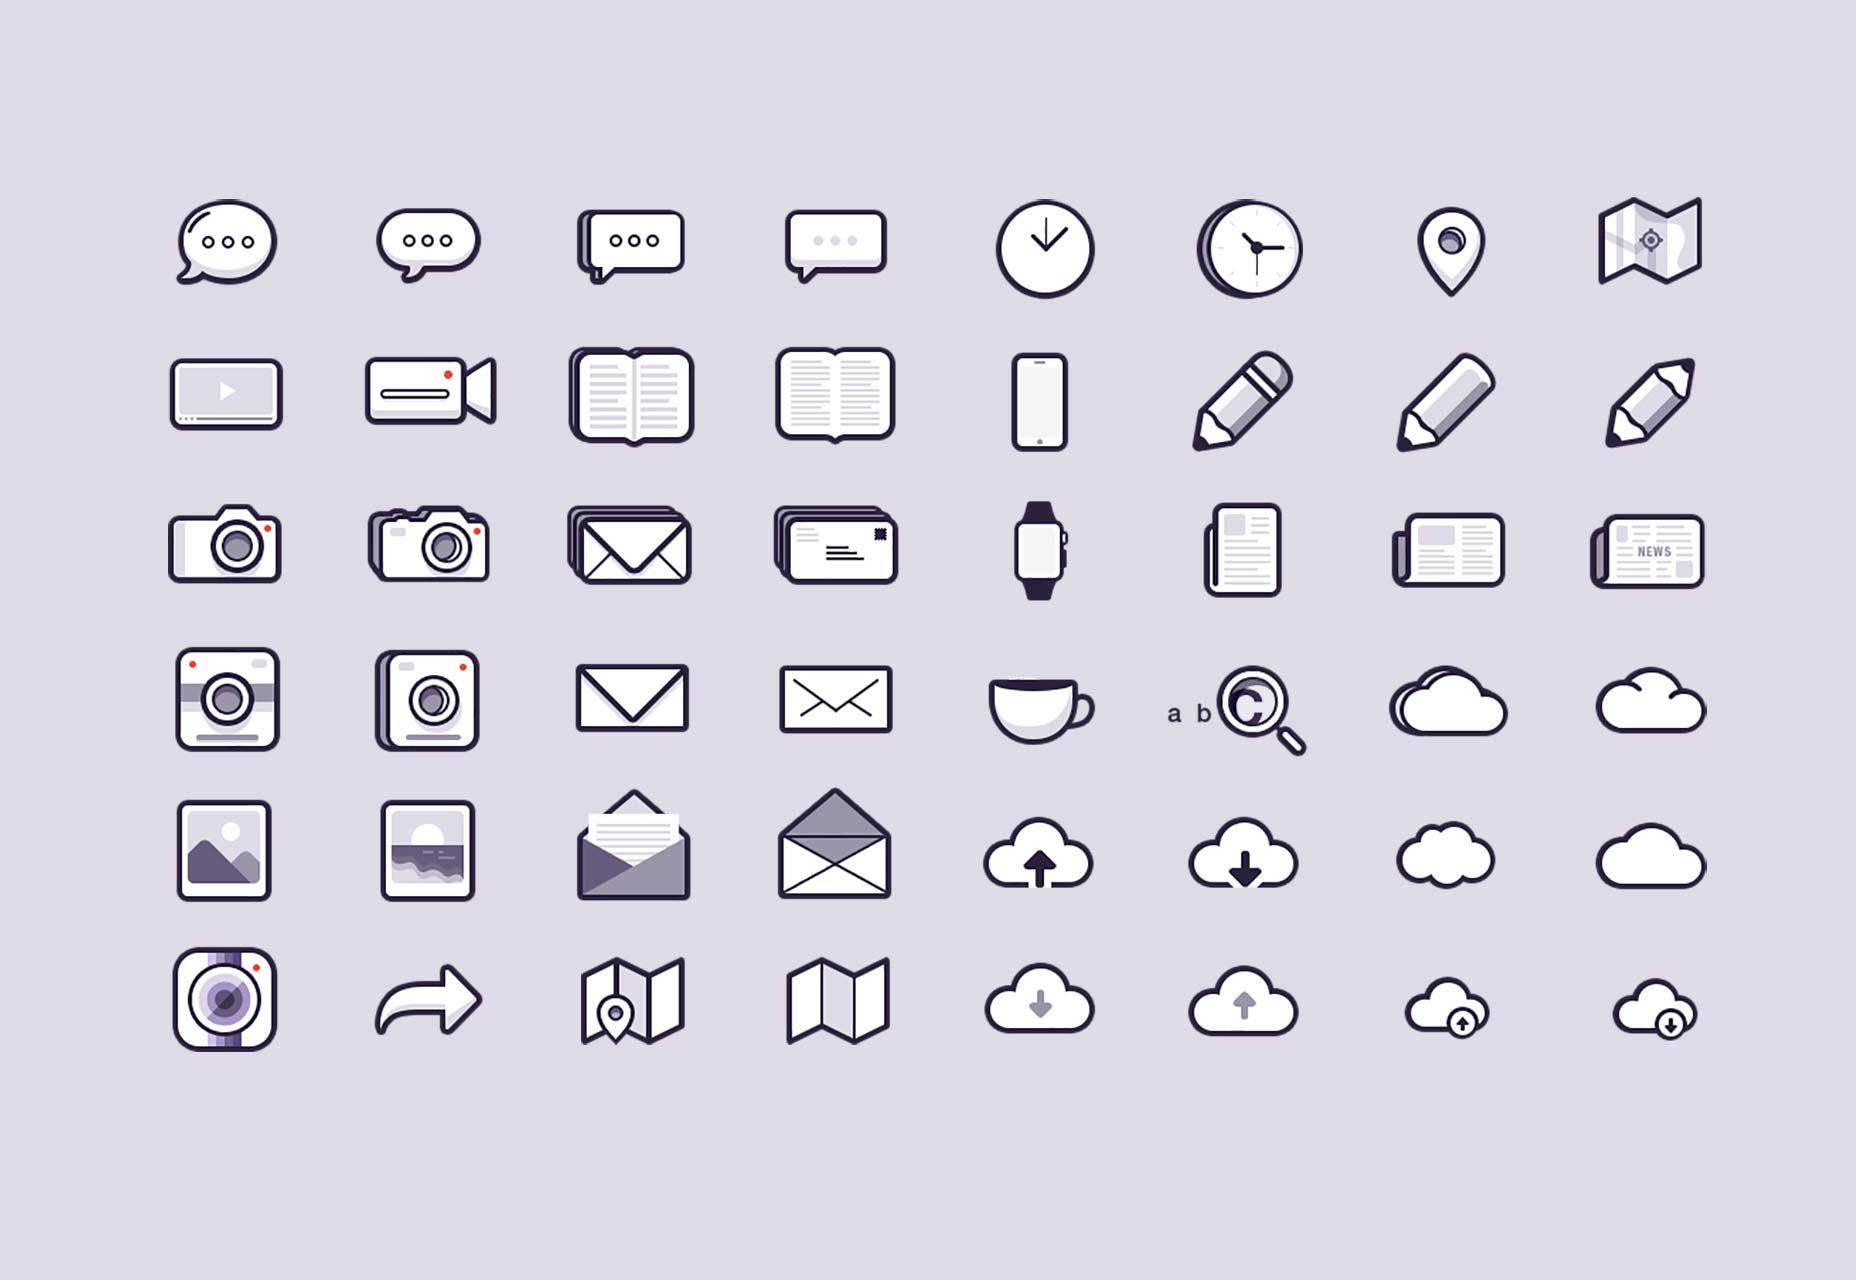 48 icons